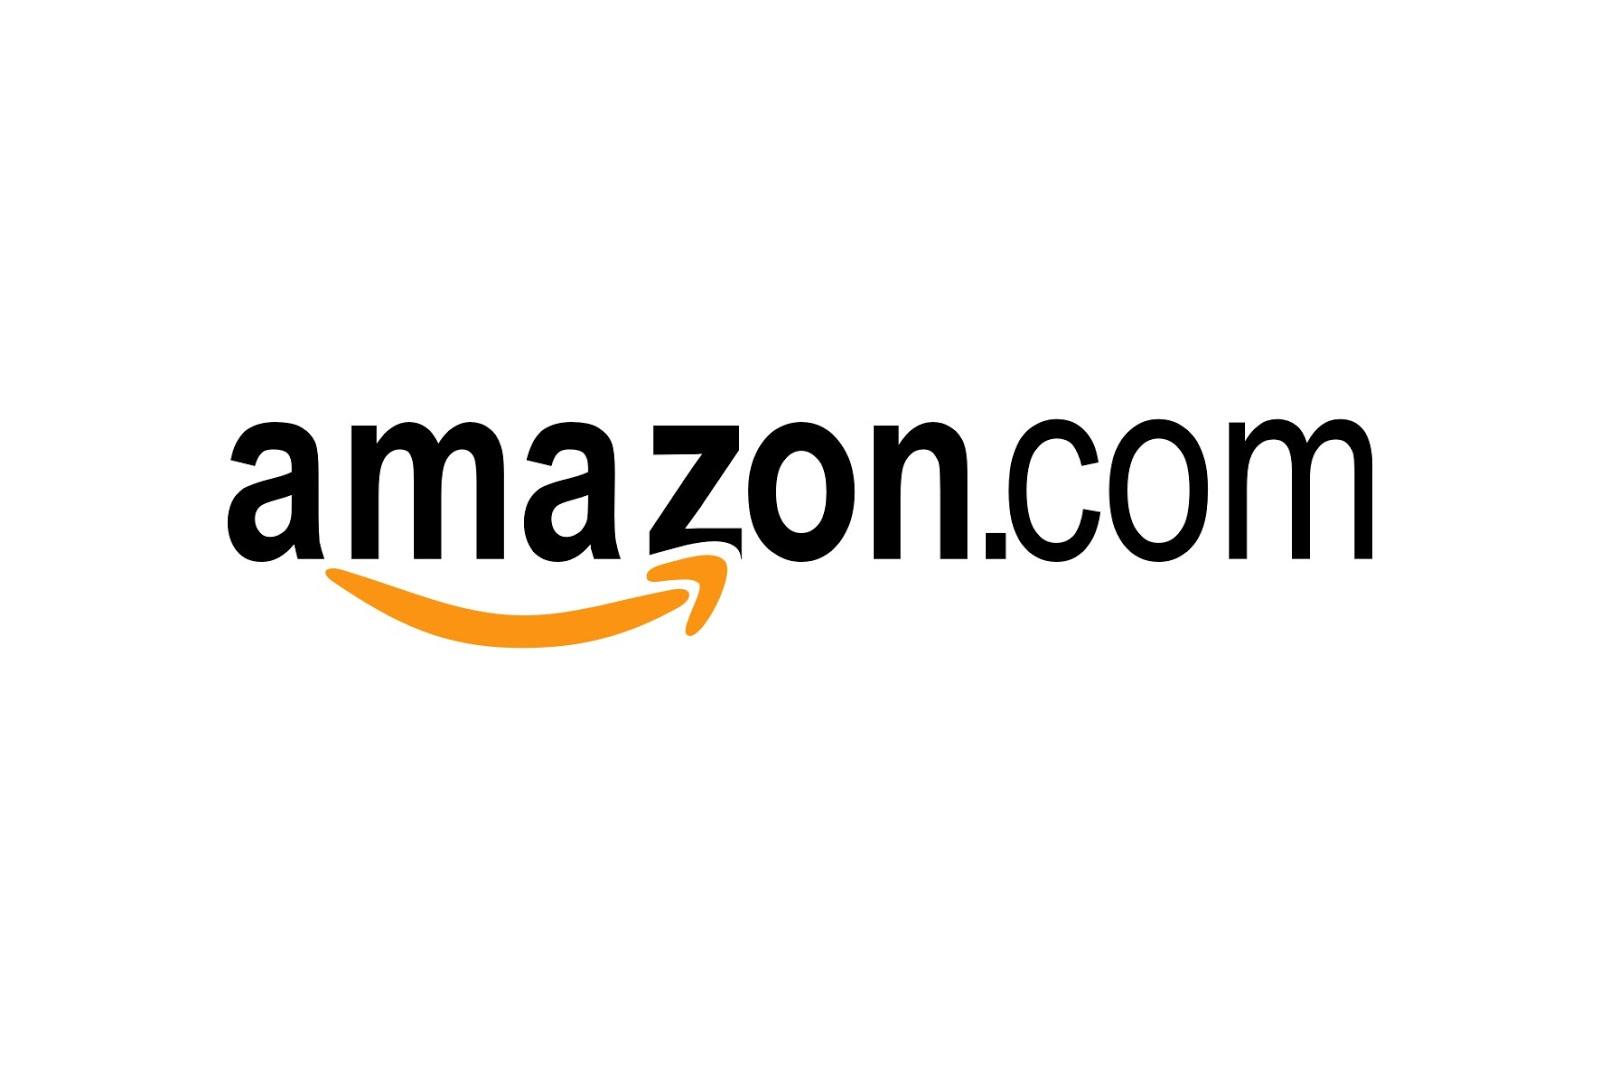 Noua functie pe care Jeff Bezos o va avea la Amazon, dupa ce renunta la functia de CEO